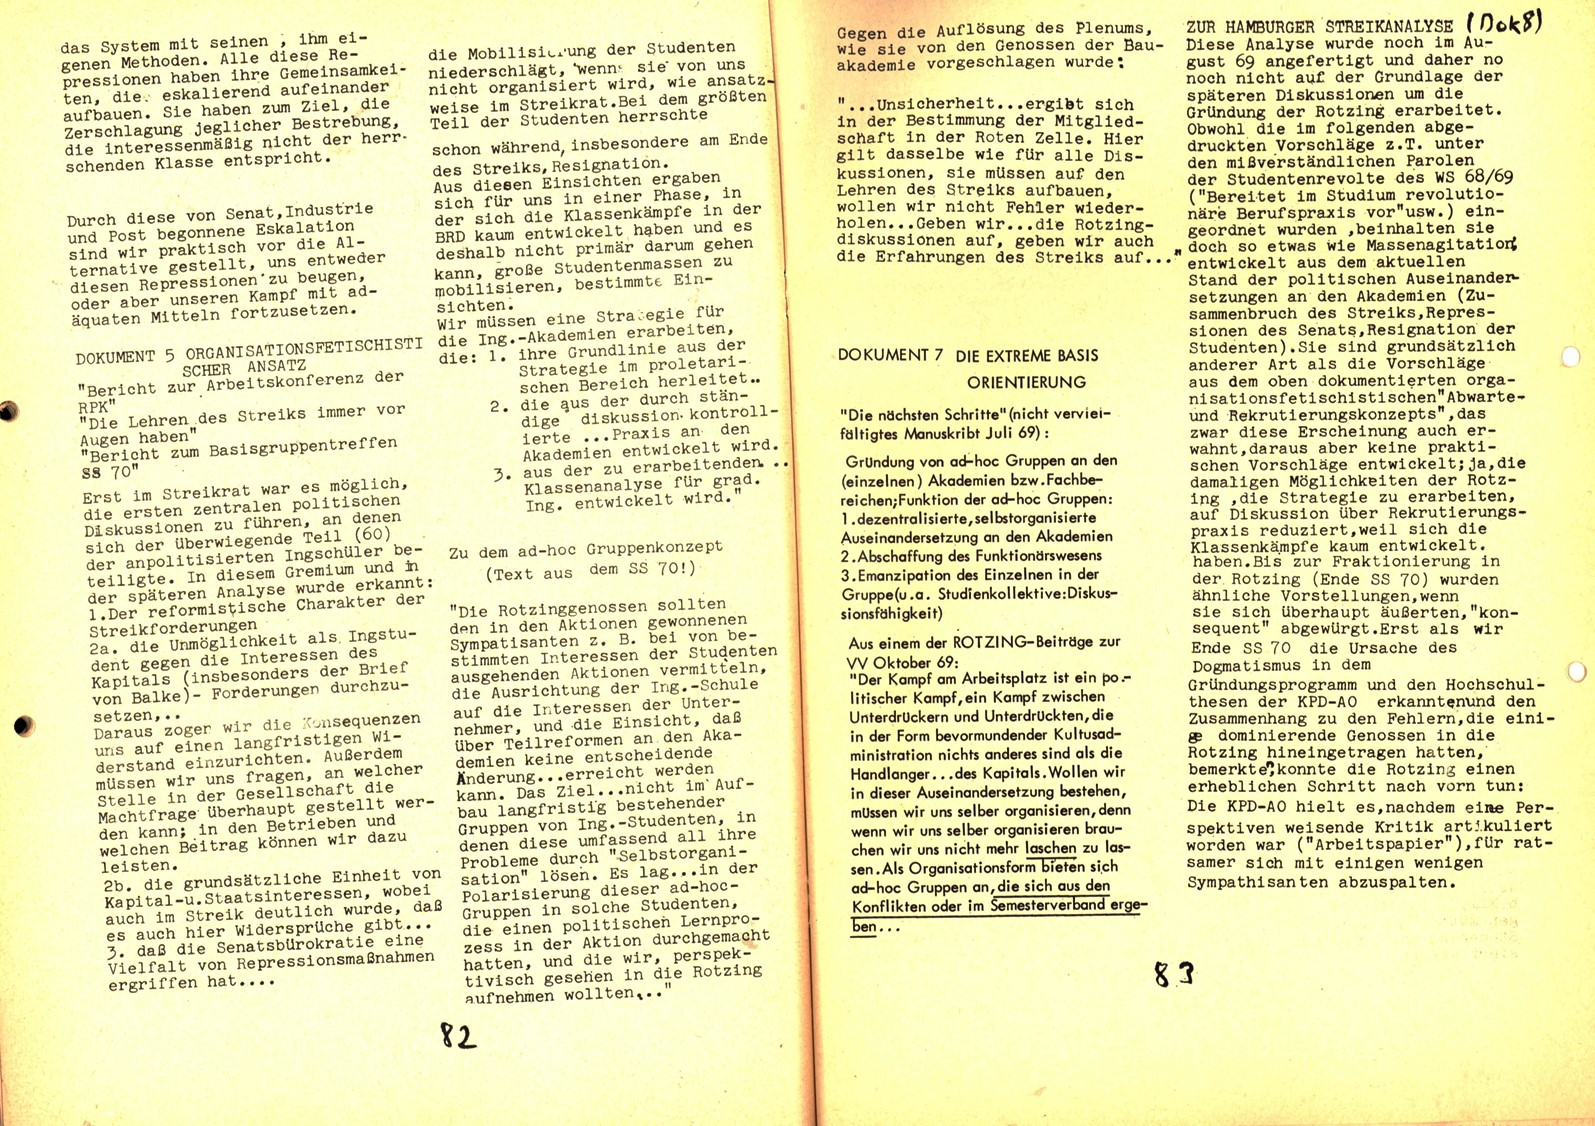 Berlin_Rotzing_1971_Kampfbericht_42